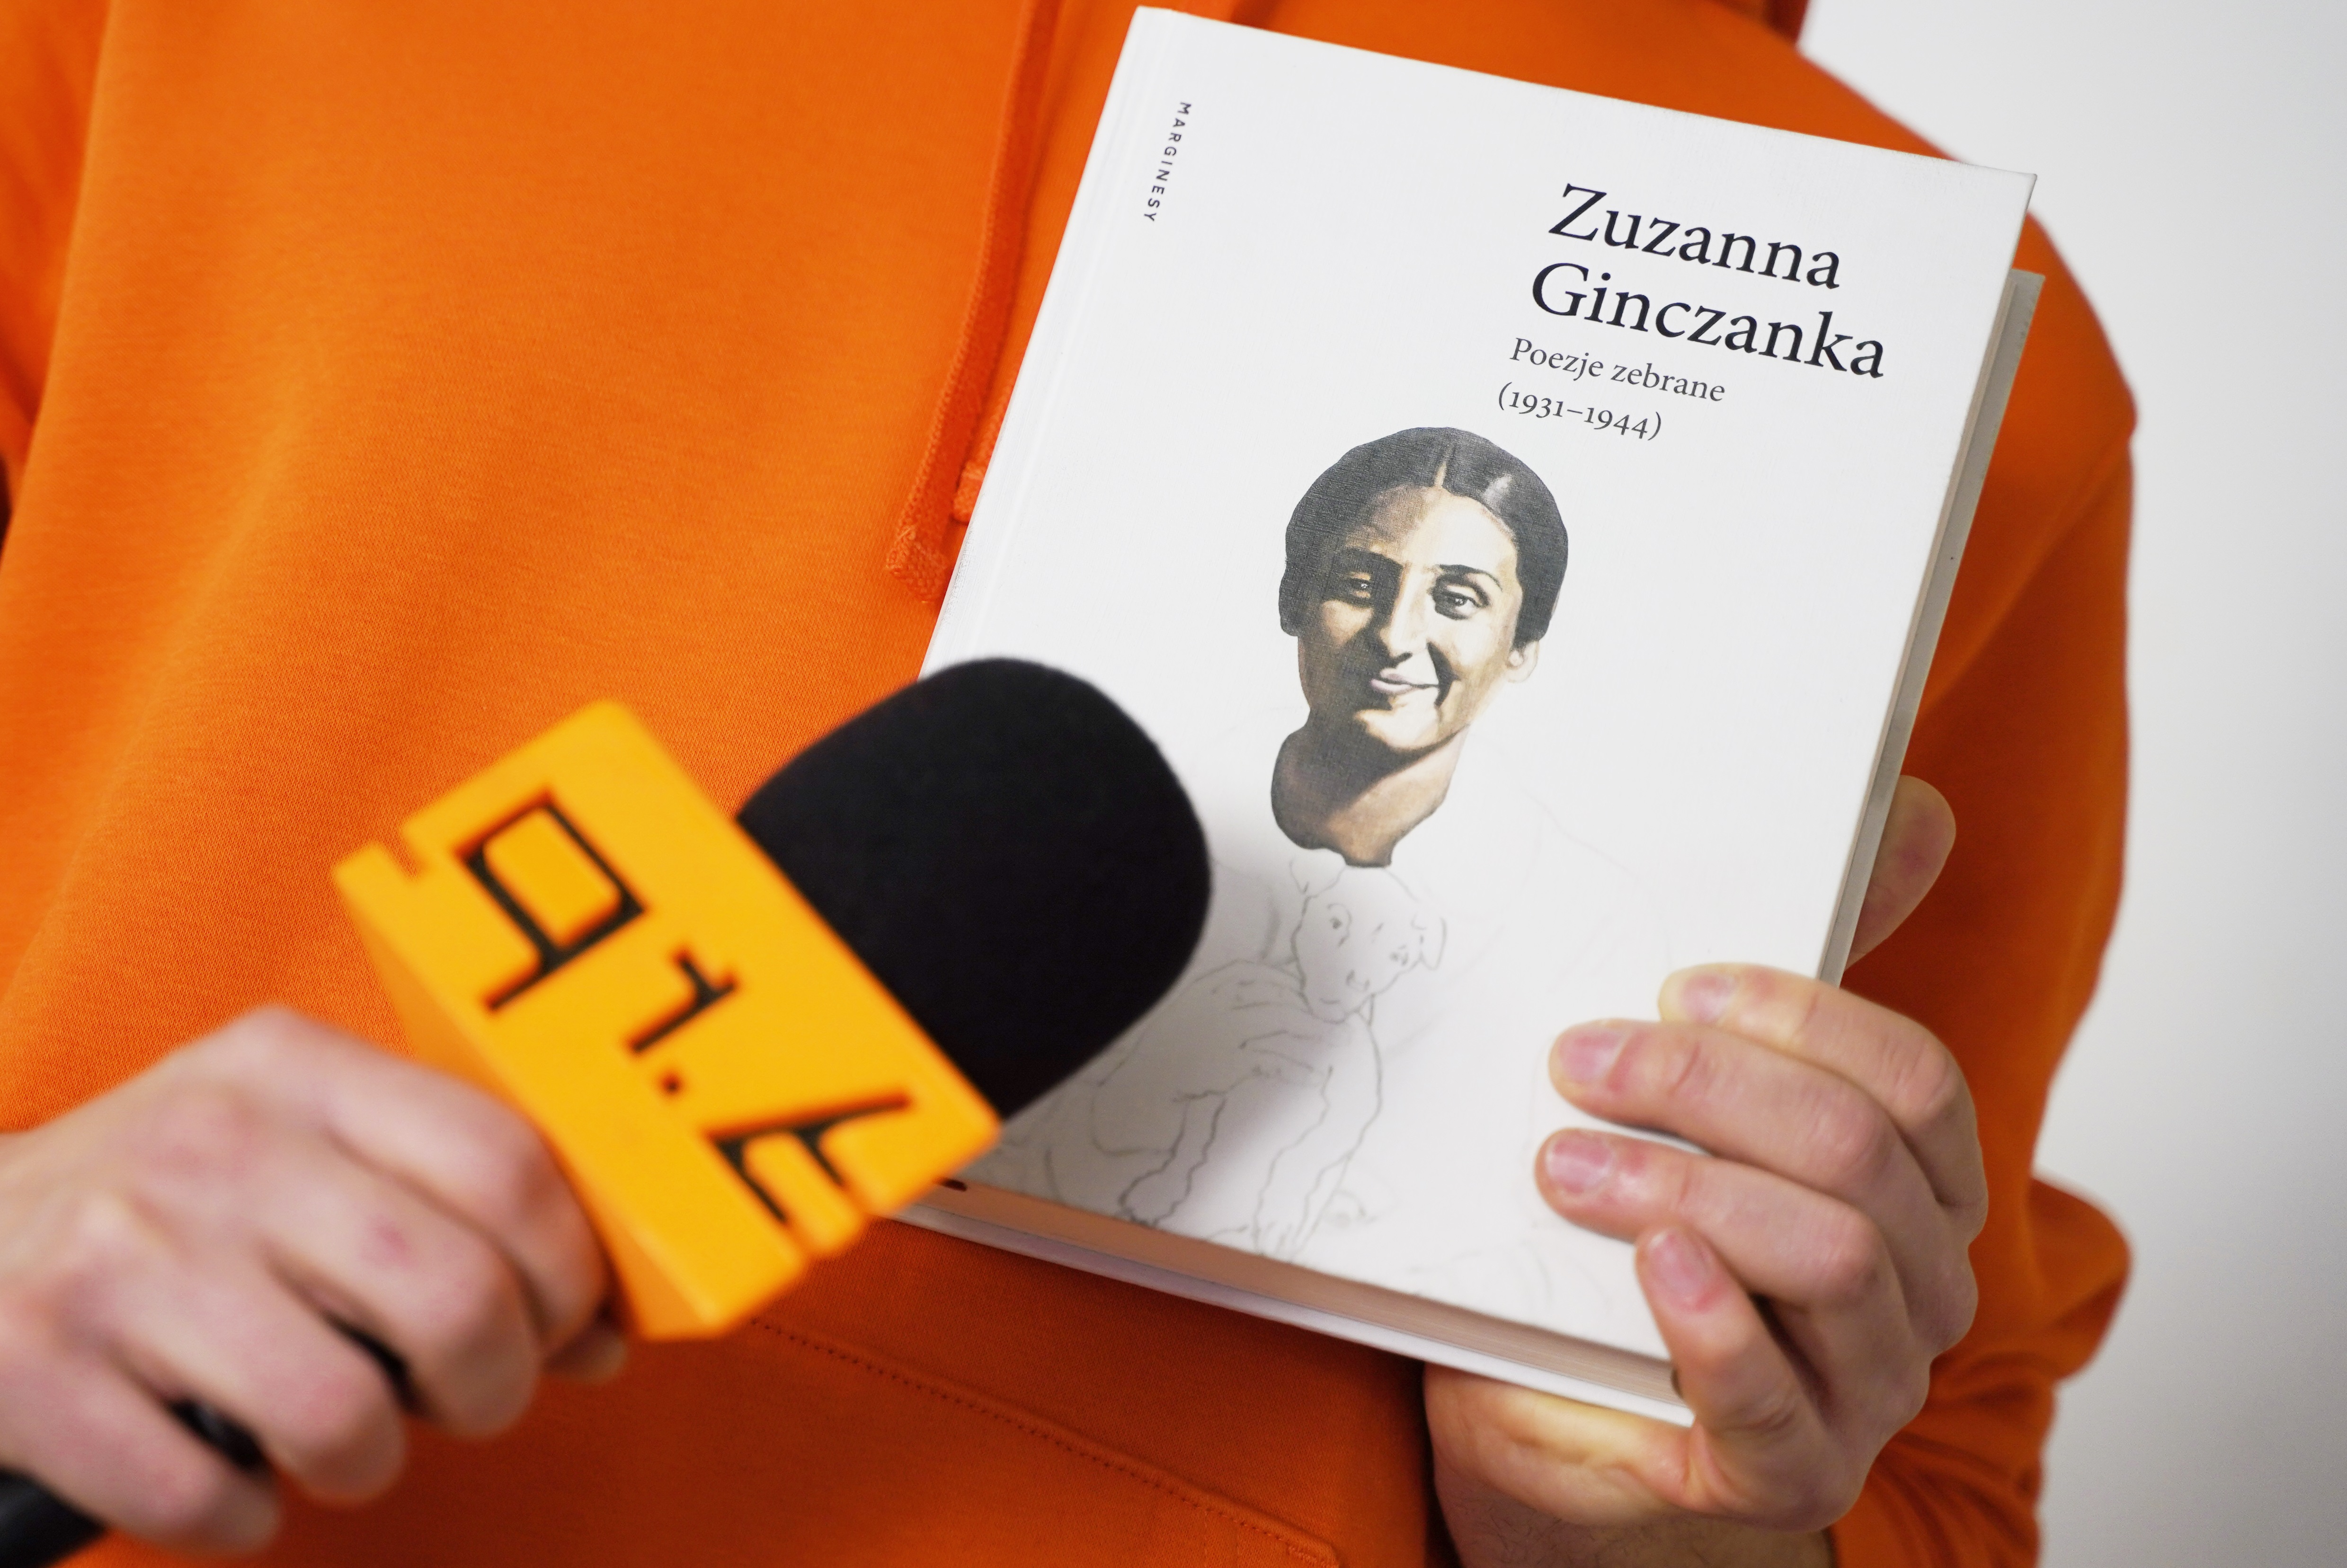 Nie upilnuje Jej nikt. Zuzanna Ginczanka (1917-1944)